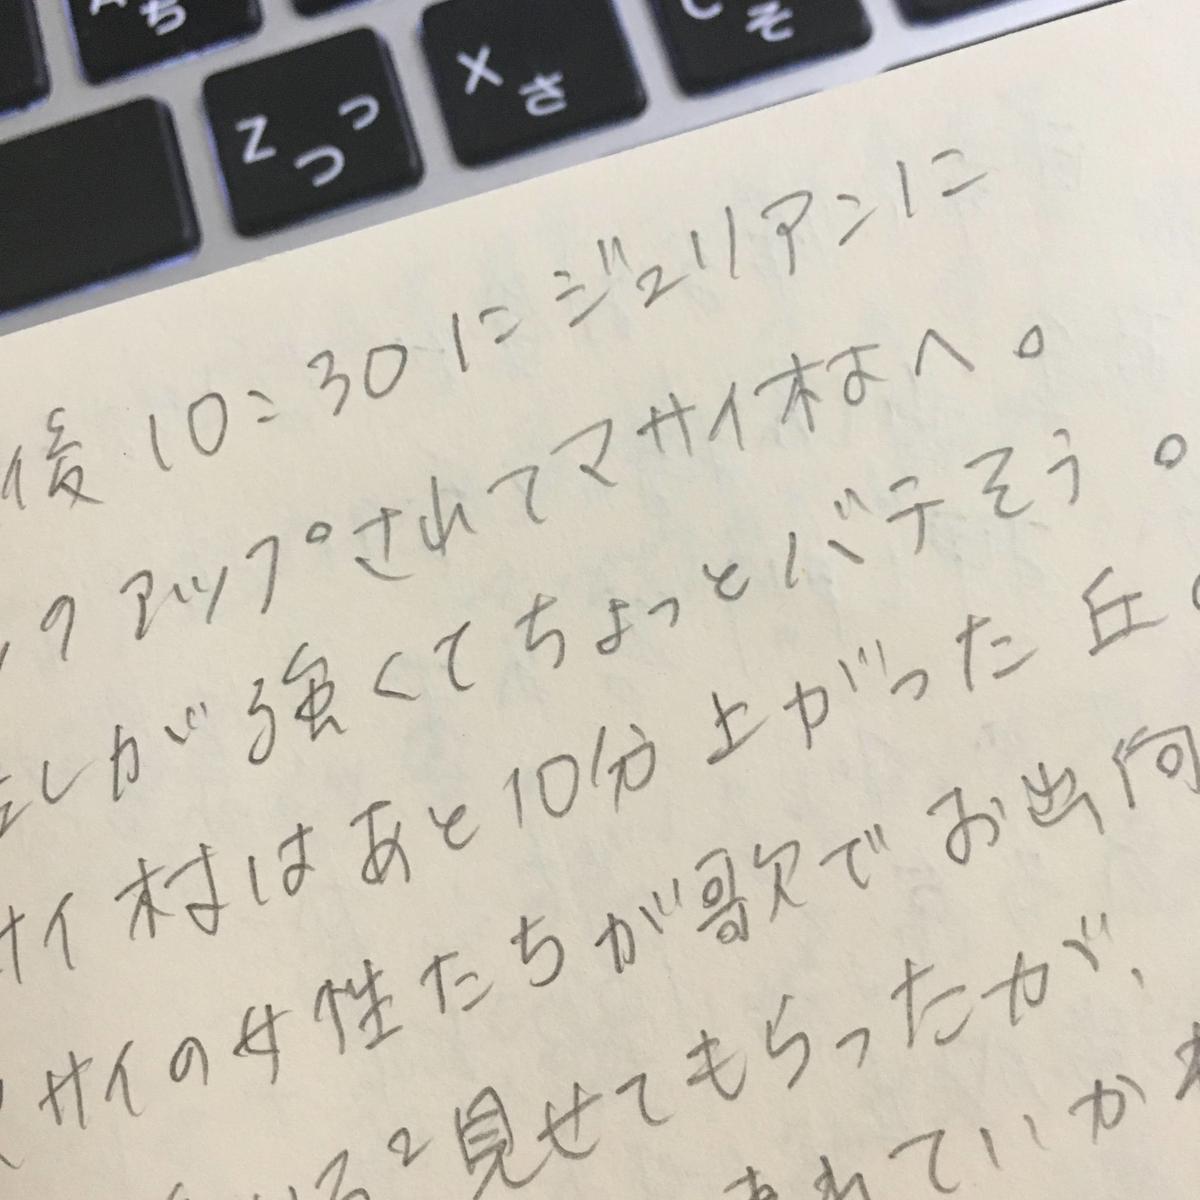 f:id:KirigirisuMax:20210522094737j:plain